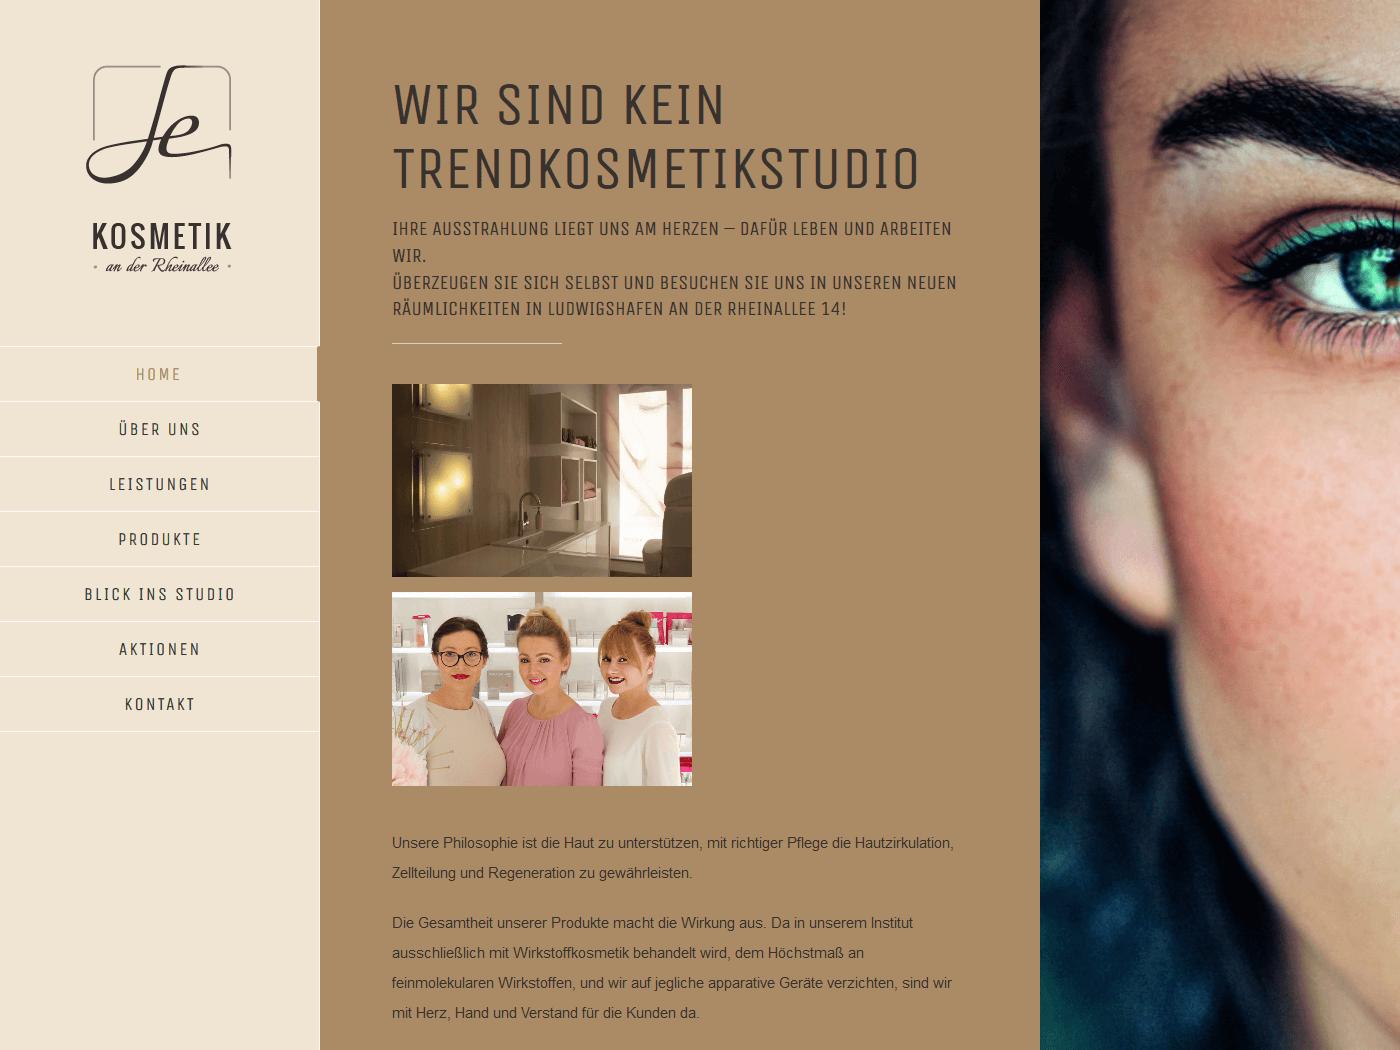 responsive Webdesign Kosmetik an der Rheinallee, Startseite